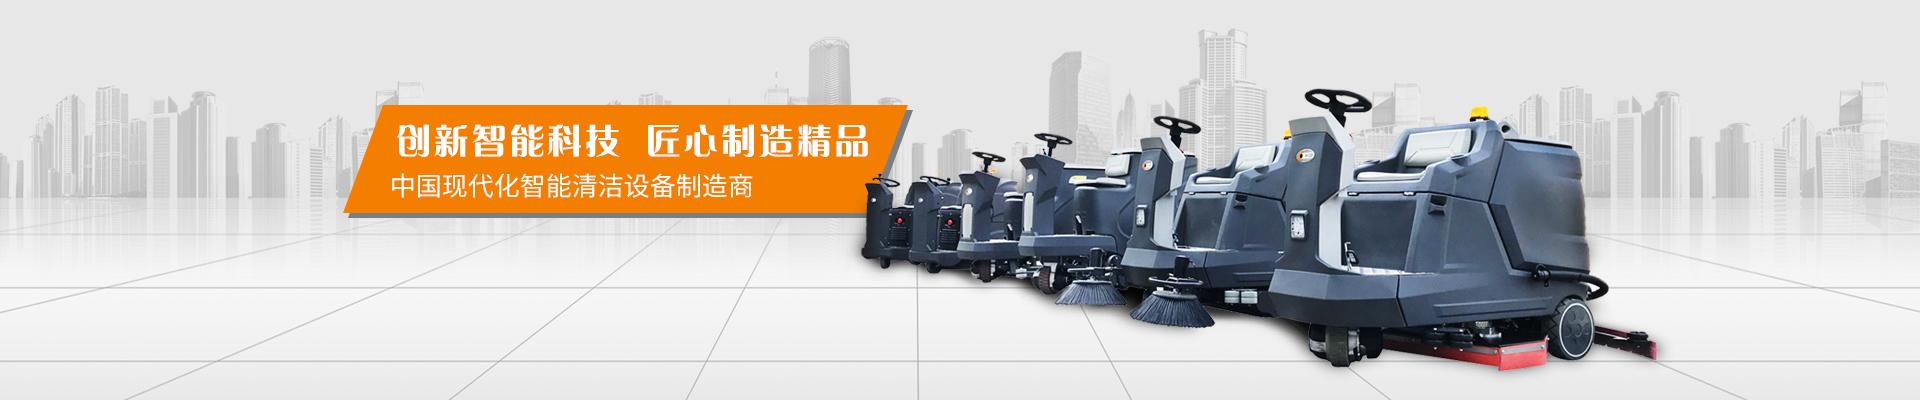 美高-中国现代化智能清洁设备制造商